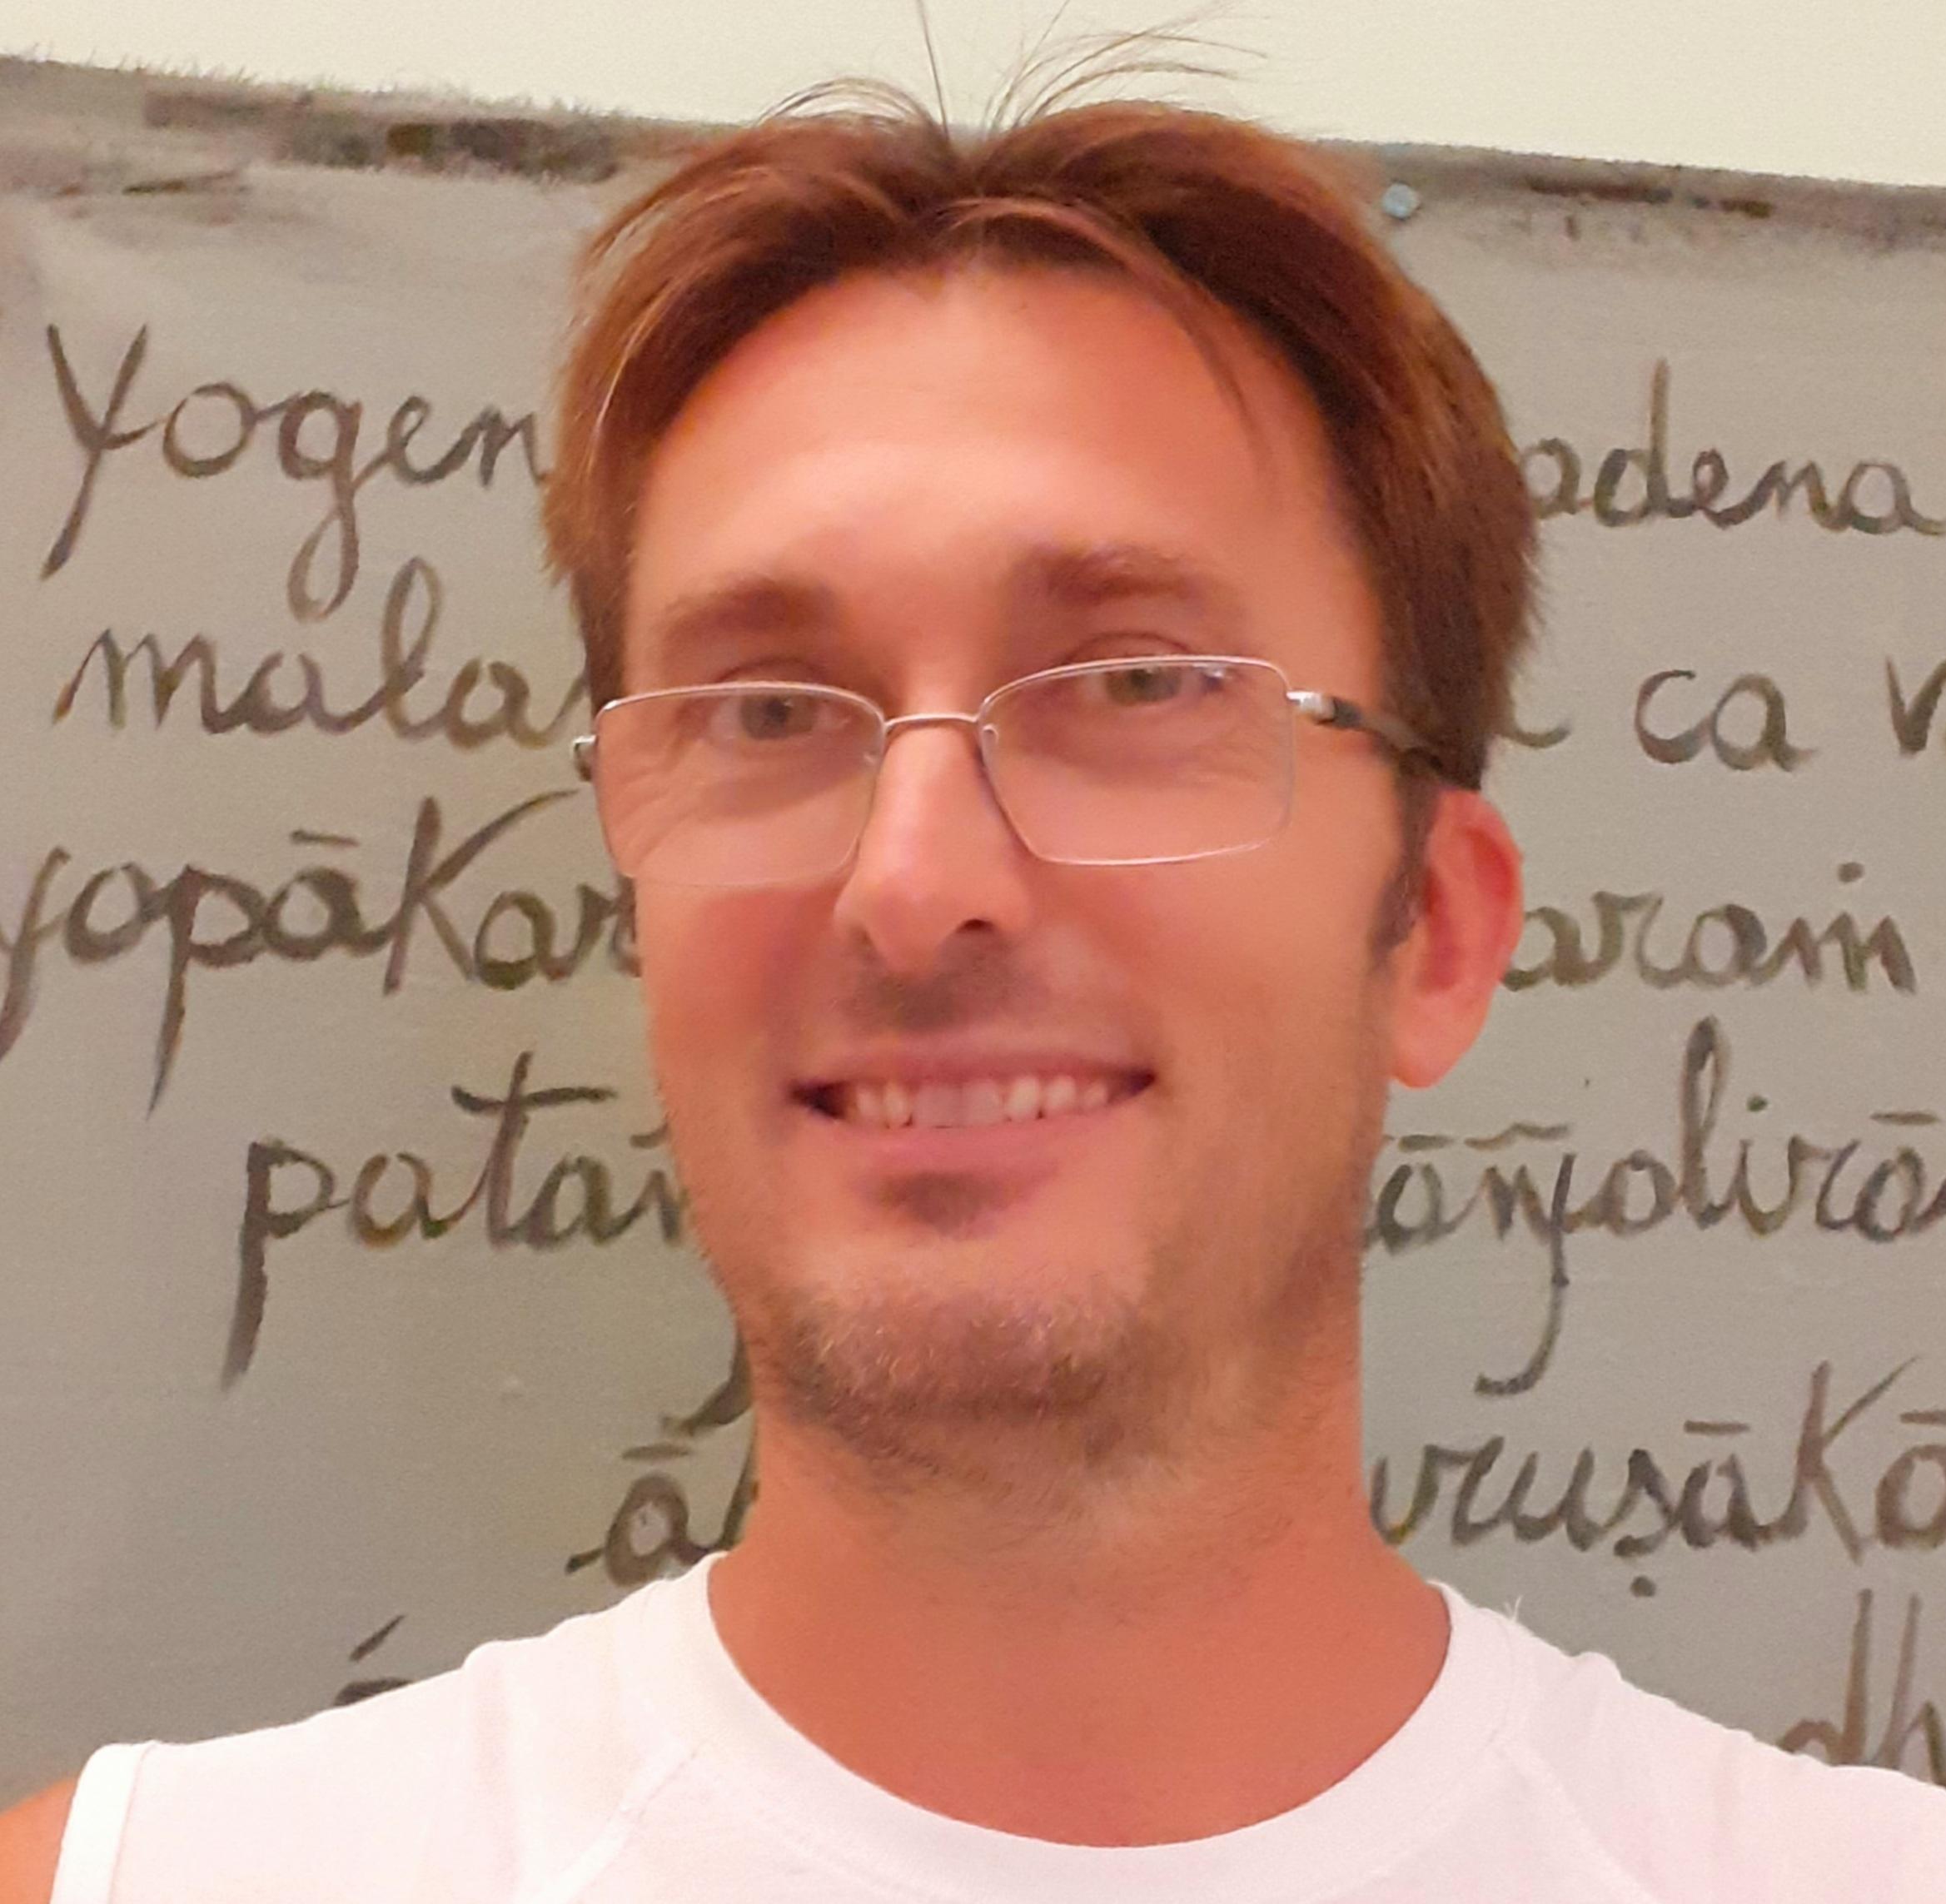 Gianni Goracci